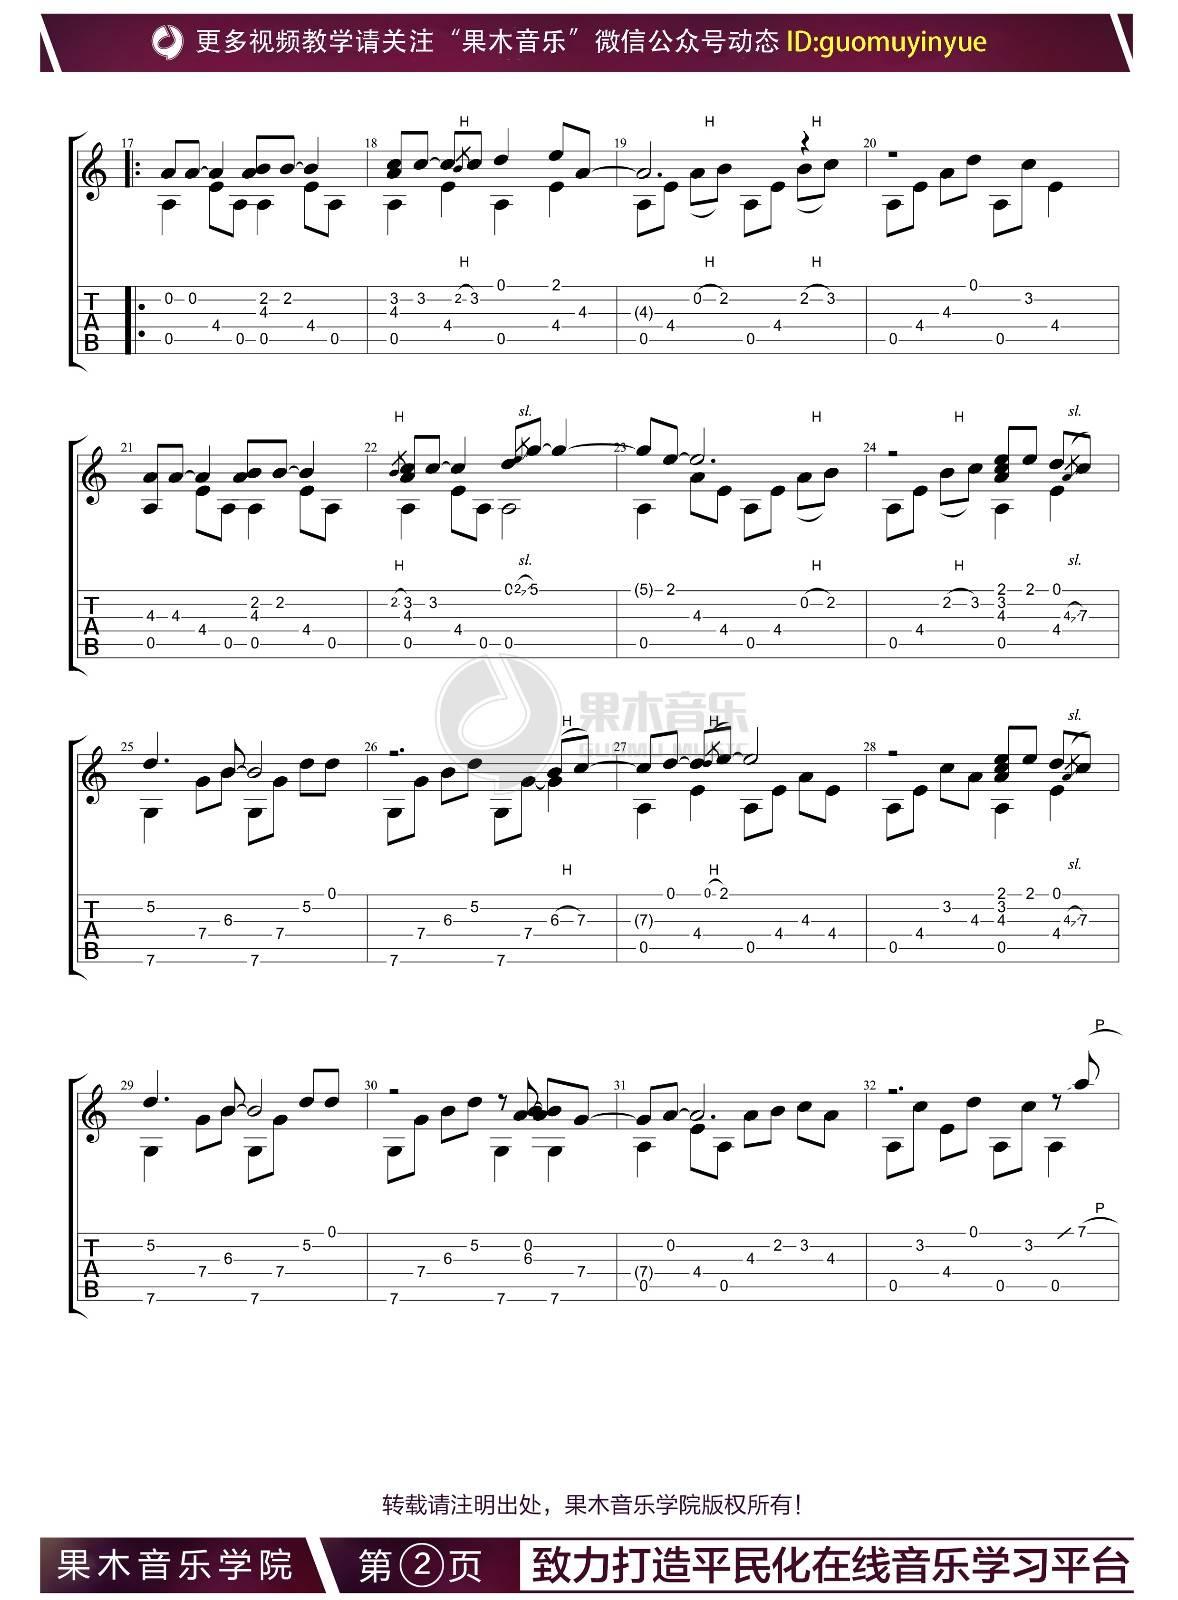 吉他派《一生所爱》吉他谱果木音乐-2